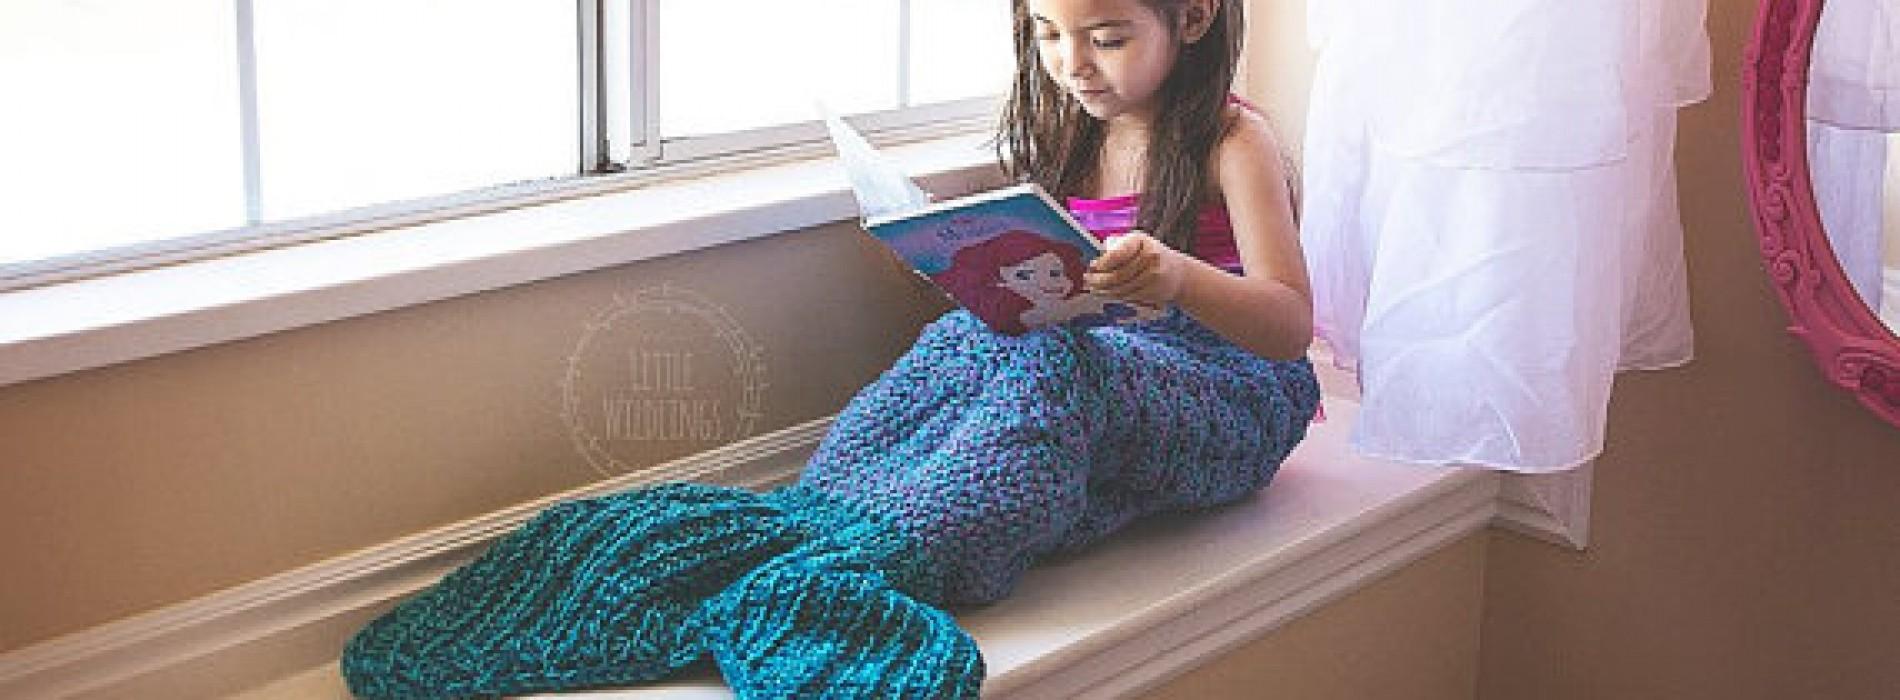 美人魚「尾巴毯」‧聖誕溫暖禮物